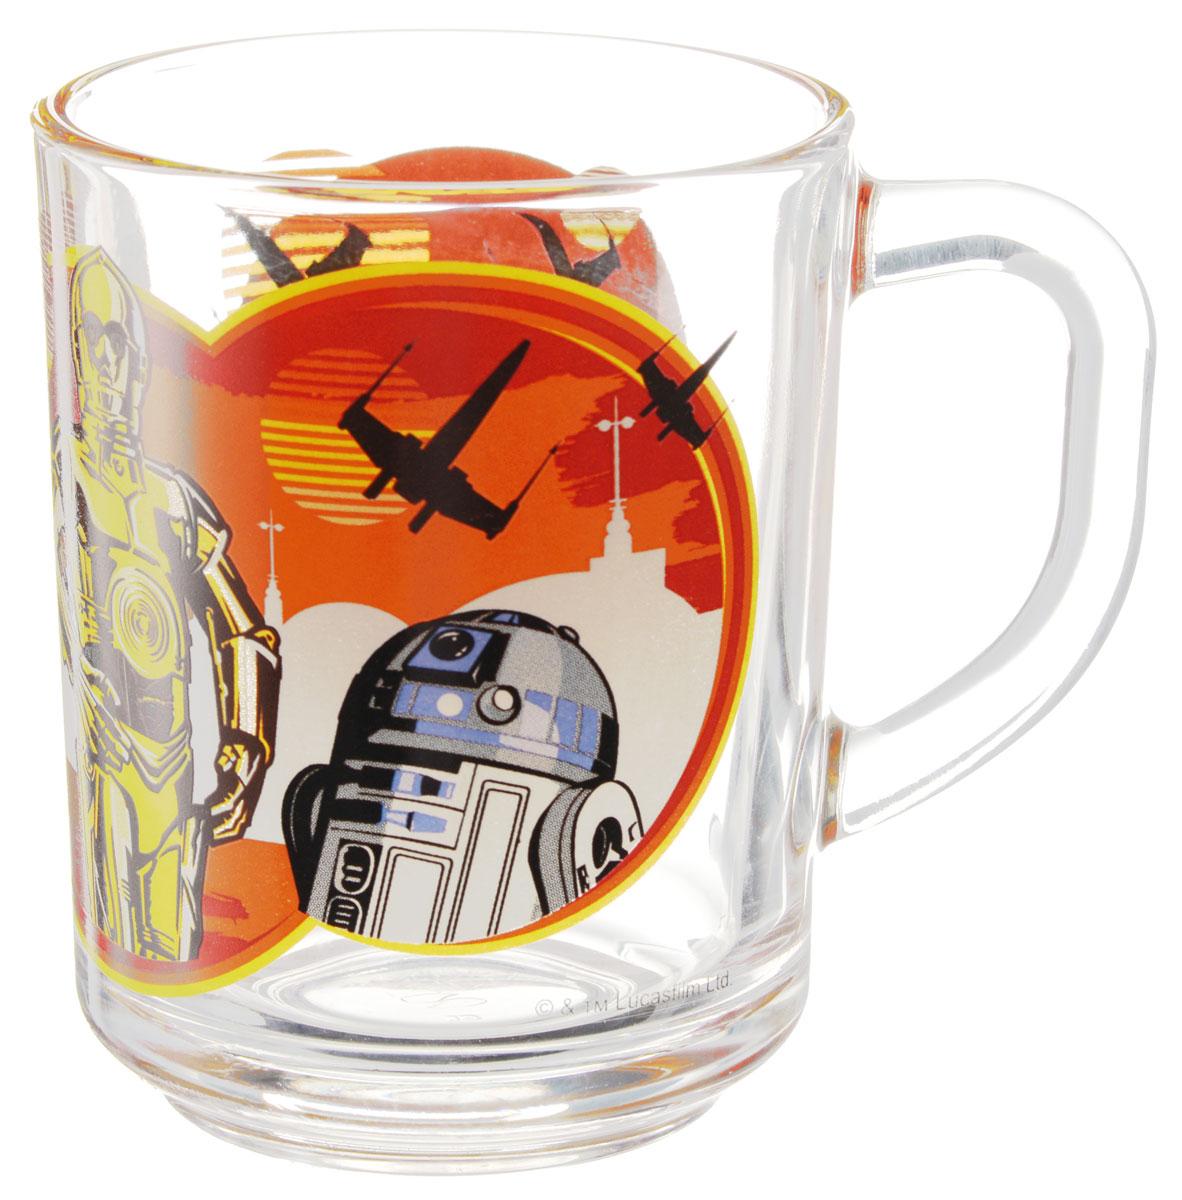 Star Wars Кружка детская Роботы 250 млSWG0101Детская кружка Star Wars Роботы с любимыми героями станет отличным подарком для вашего ребенка. Она выполнена из стекла и оформлена изображением героев киновселенной Звездные войны. Кружка дополнена удобной ручкой. Такой подарок станет не только приятным, но и практичным сувениром: кружка будет незаменимым атрибутом чаепития, а оригинальное оформление кружки добавит ярких эмоций и хорошего настроения. Можно использовать в посудомоечной машине.